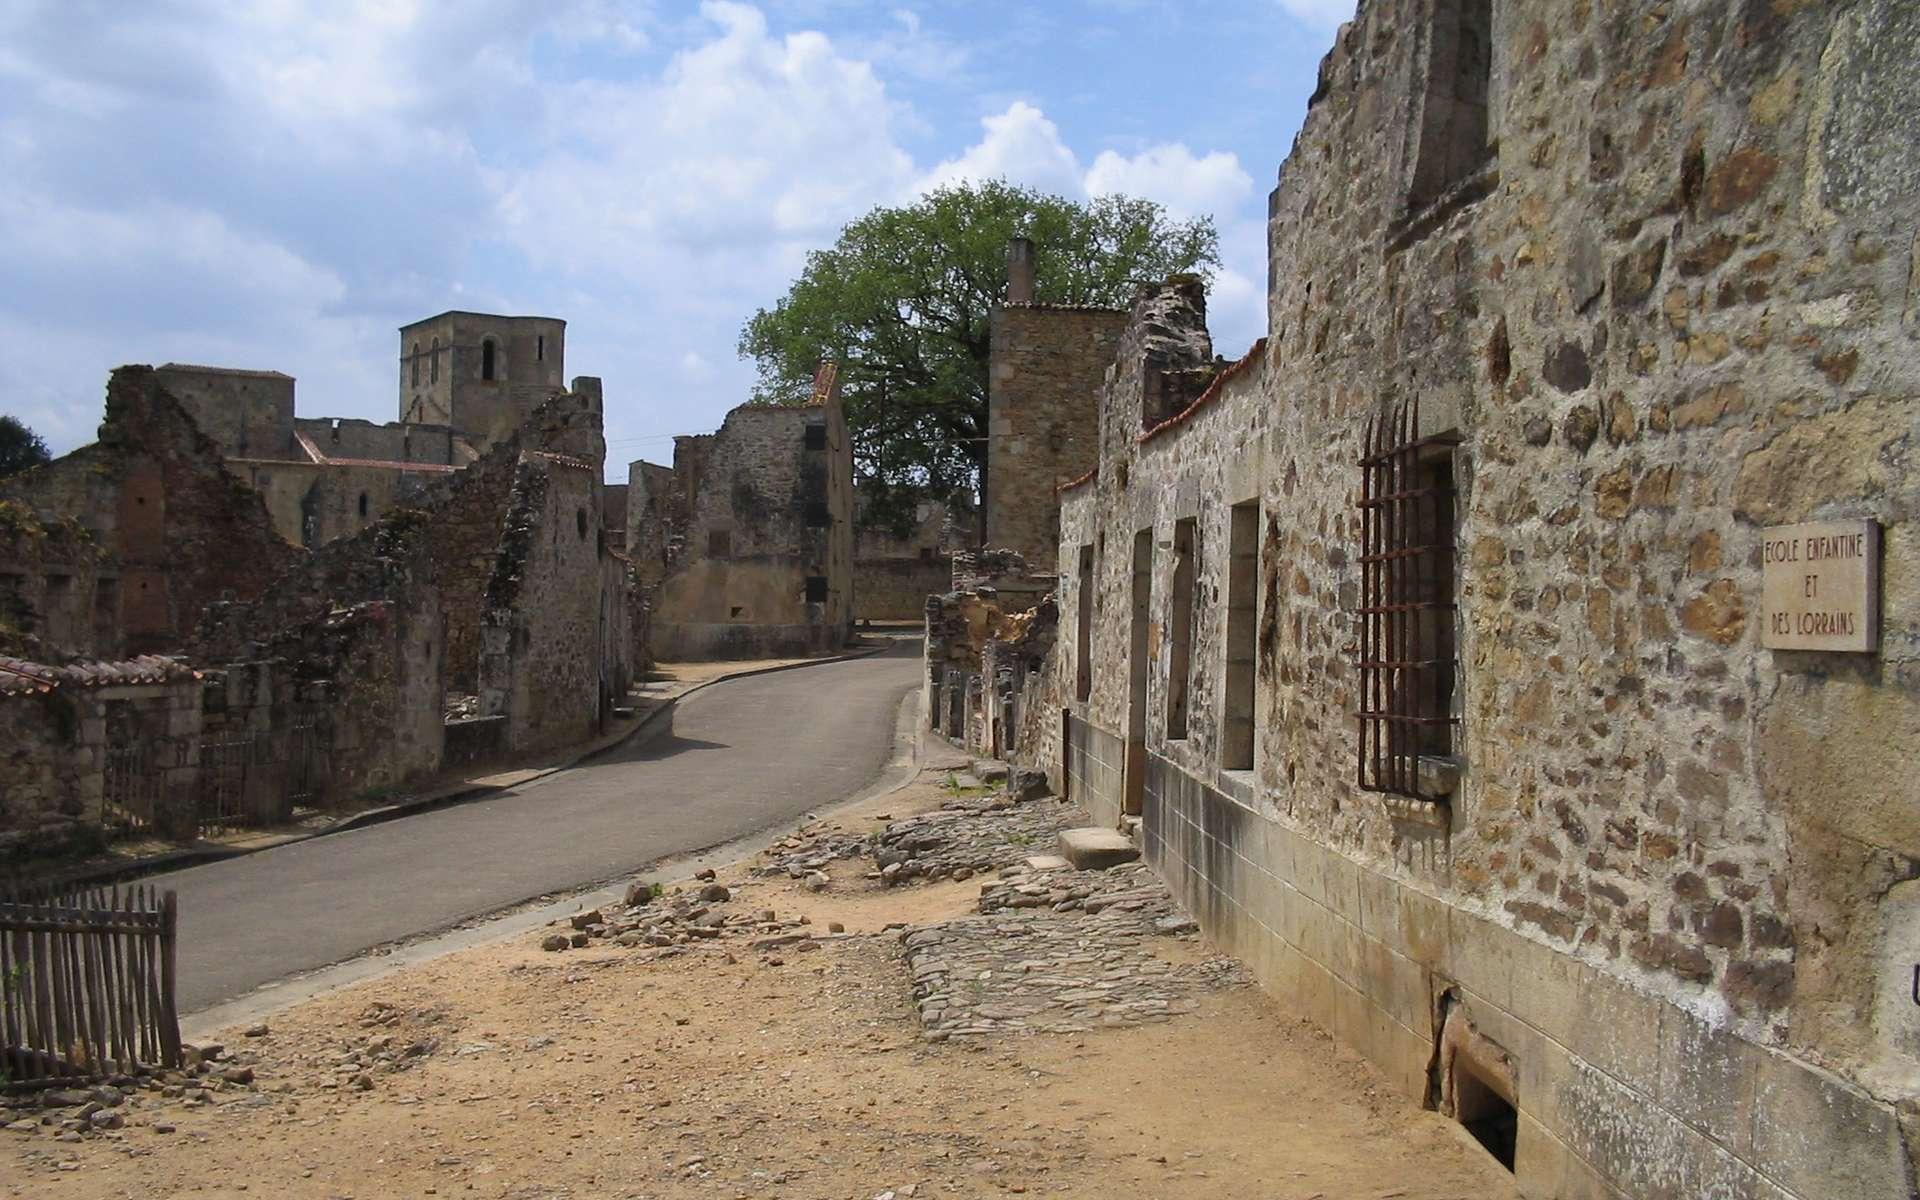 Le massacre d'Oradour-sur-Glane fit 642 victimes. Sur la droite, l'école primaire © Dennis Nilsson, Wikimedia Commons, domaine public